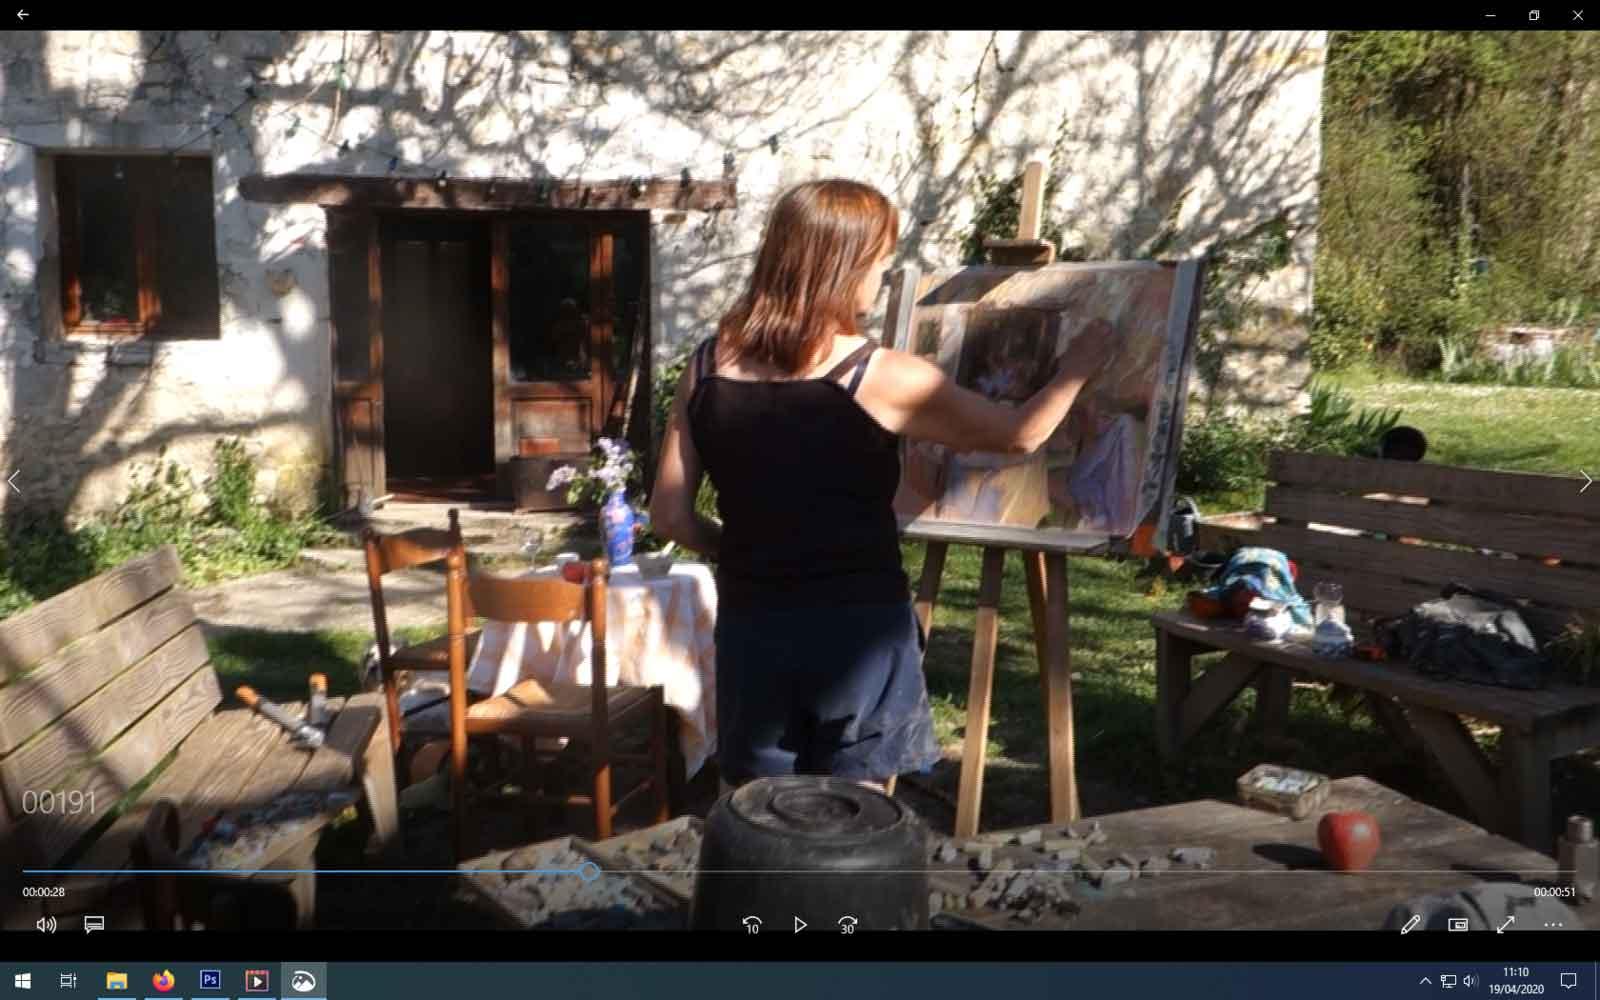 artist's demonstration